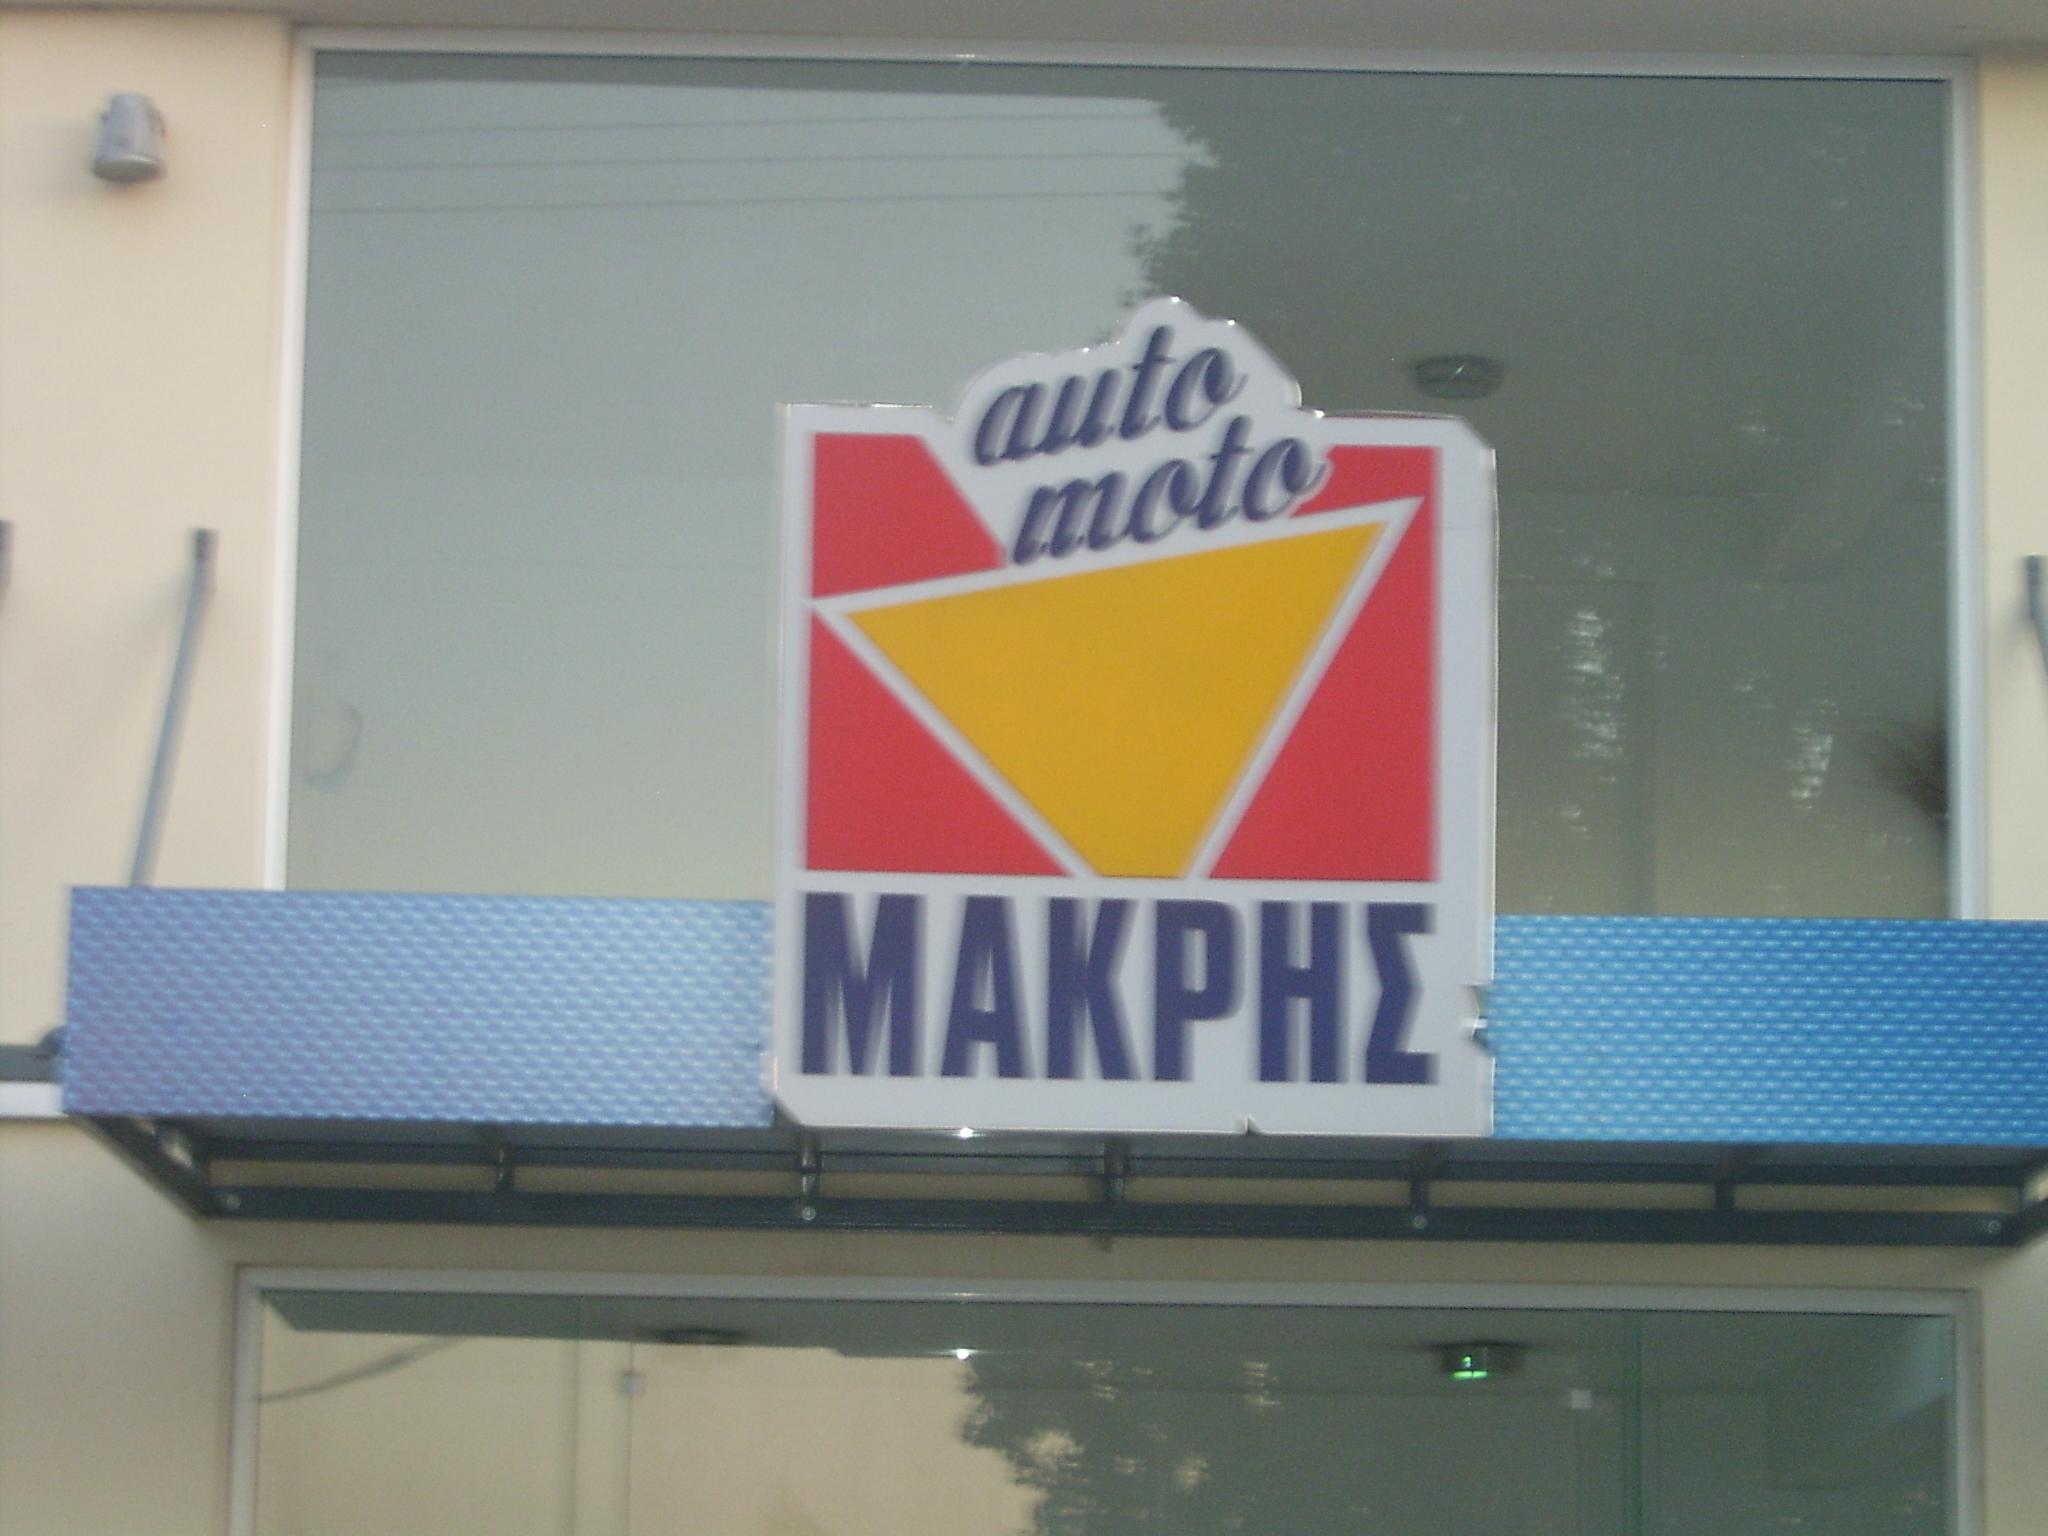 AUTO MOTO MAKRIS